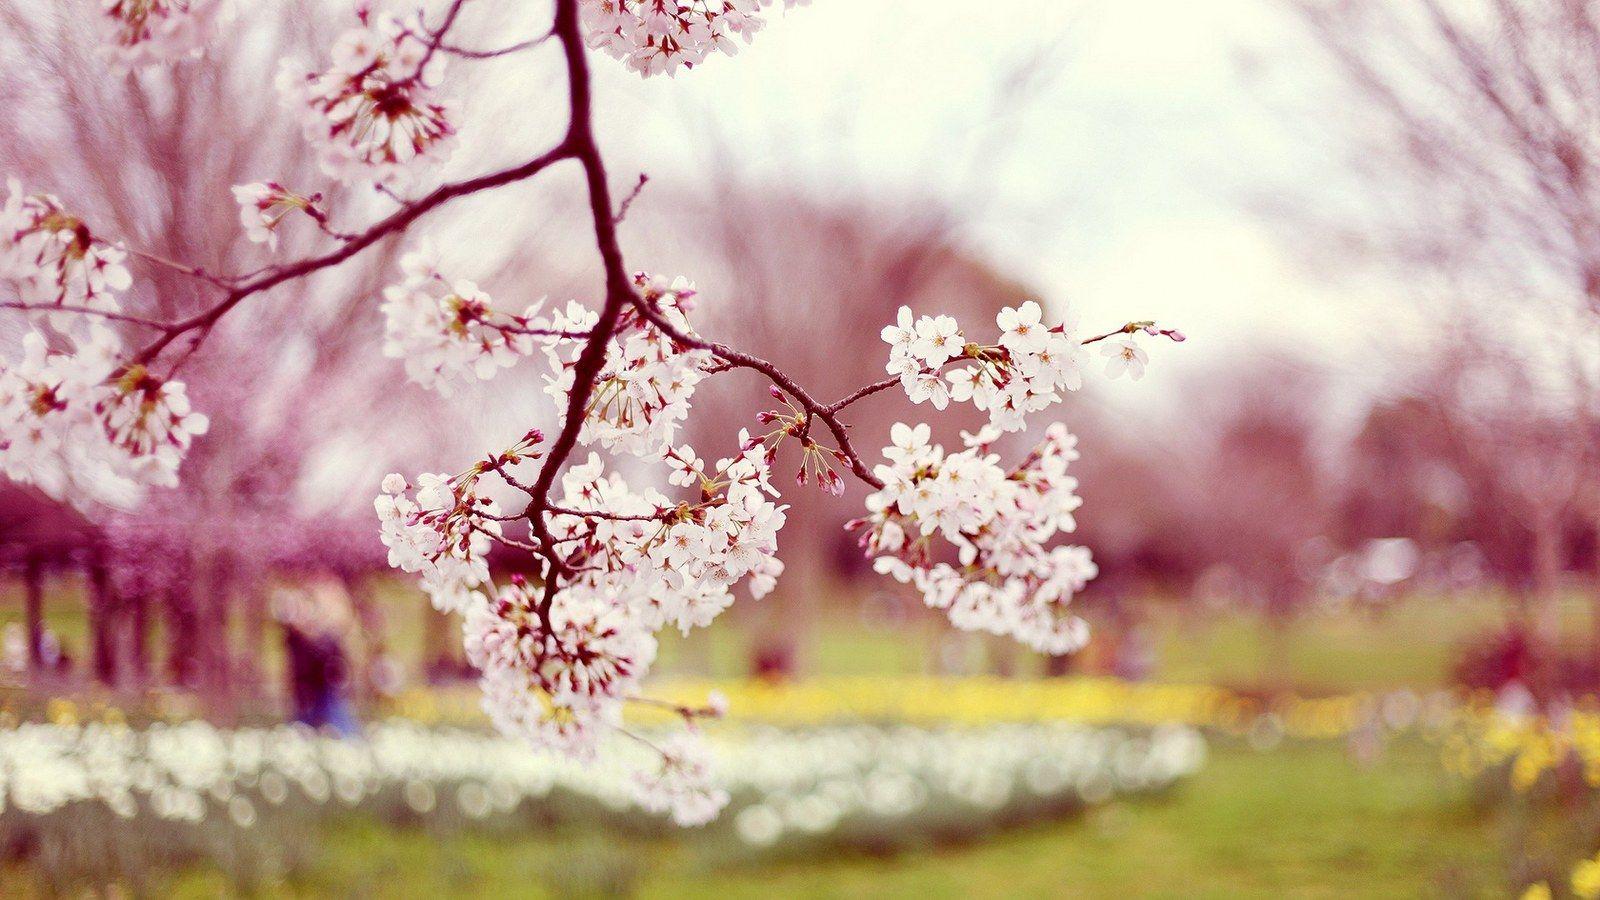 Autumn Flower Pink Natural Wedding Pinterest Spring Wallpaper